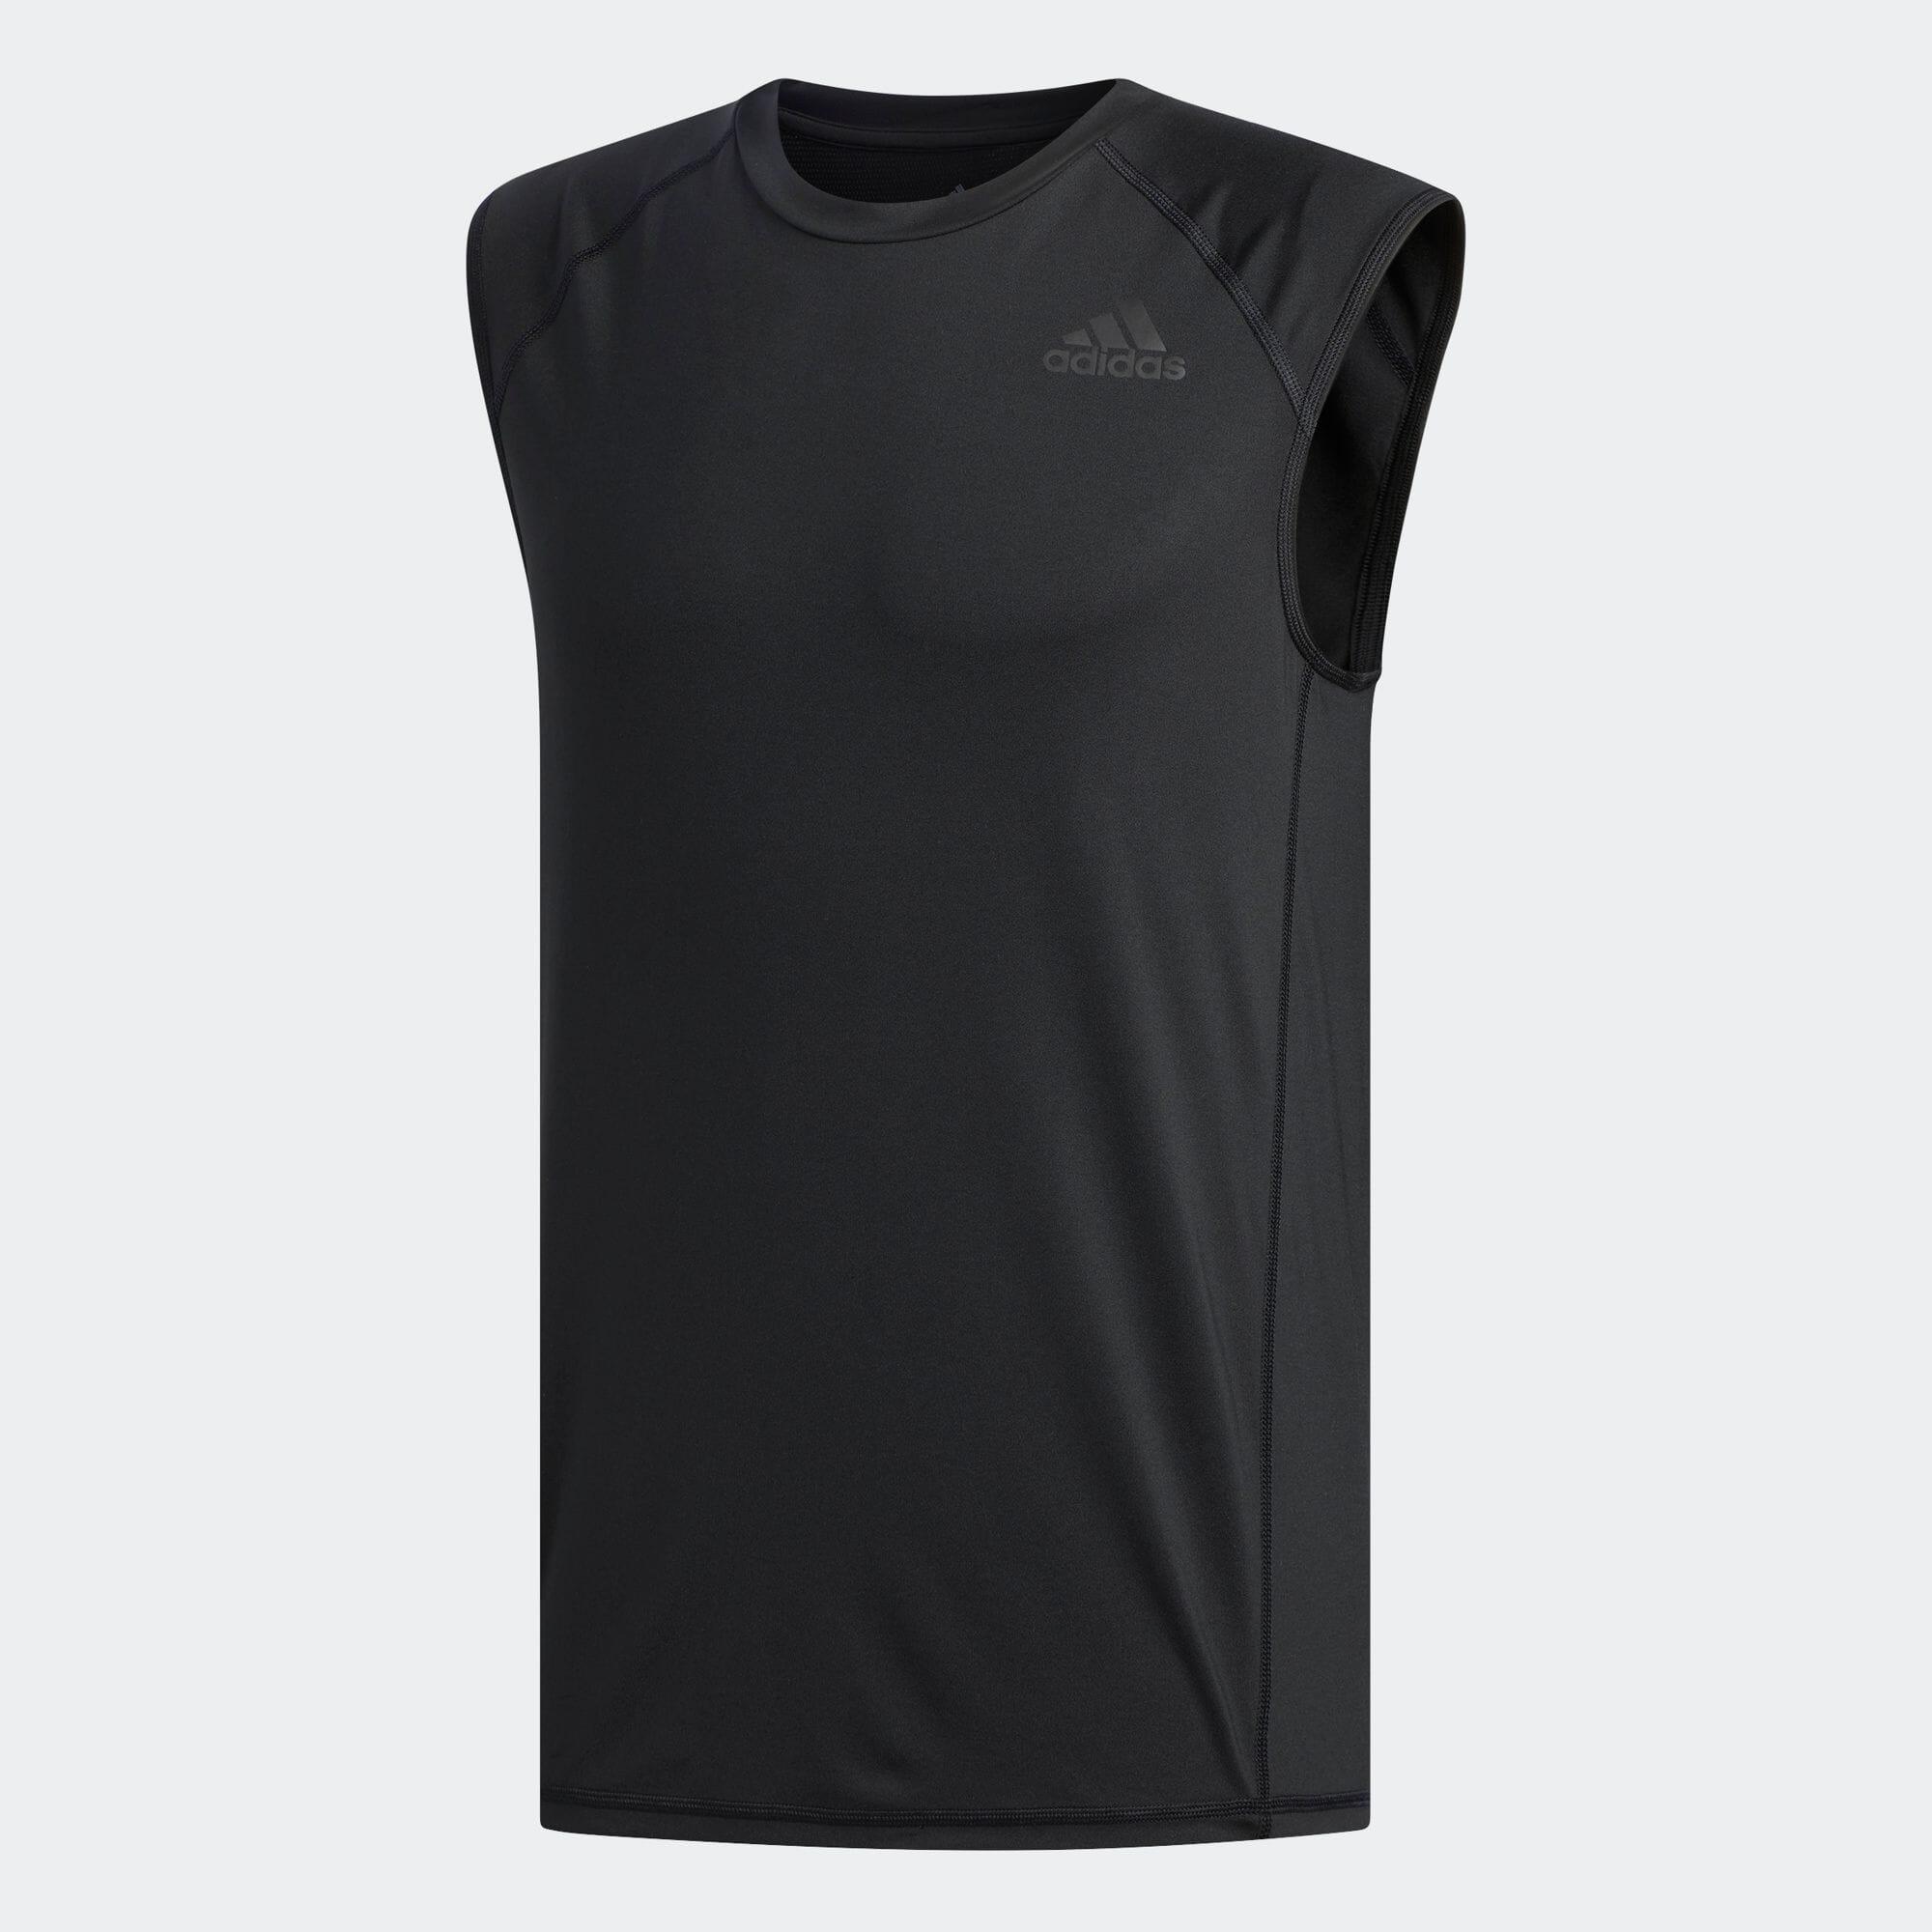 アルファスキン スポーツフィット Tシャツ / Alphaskin Sport Fitted Tee